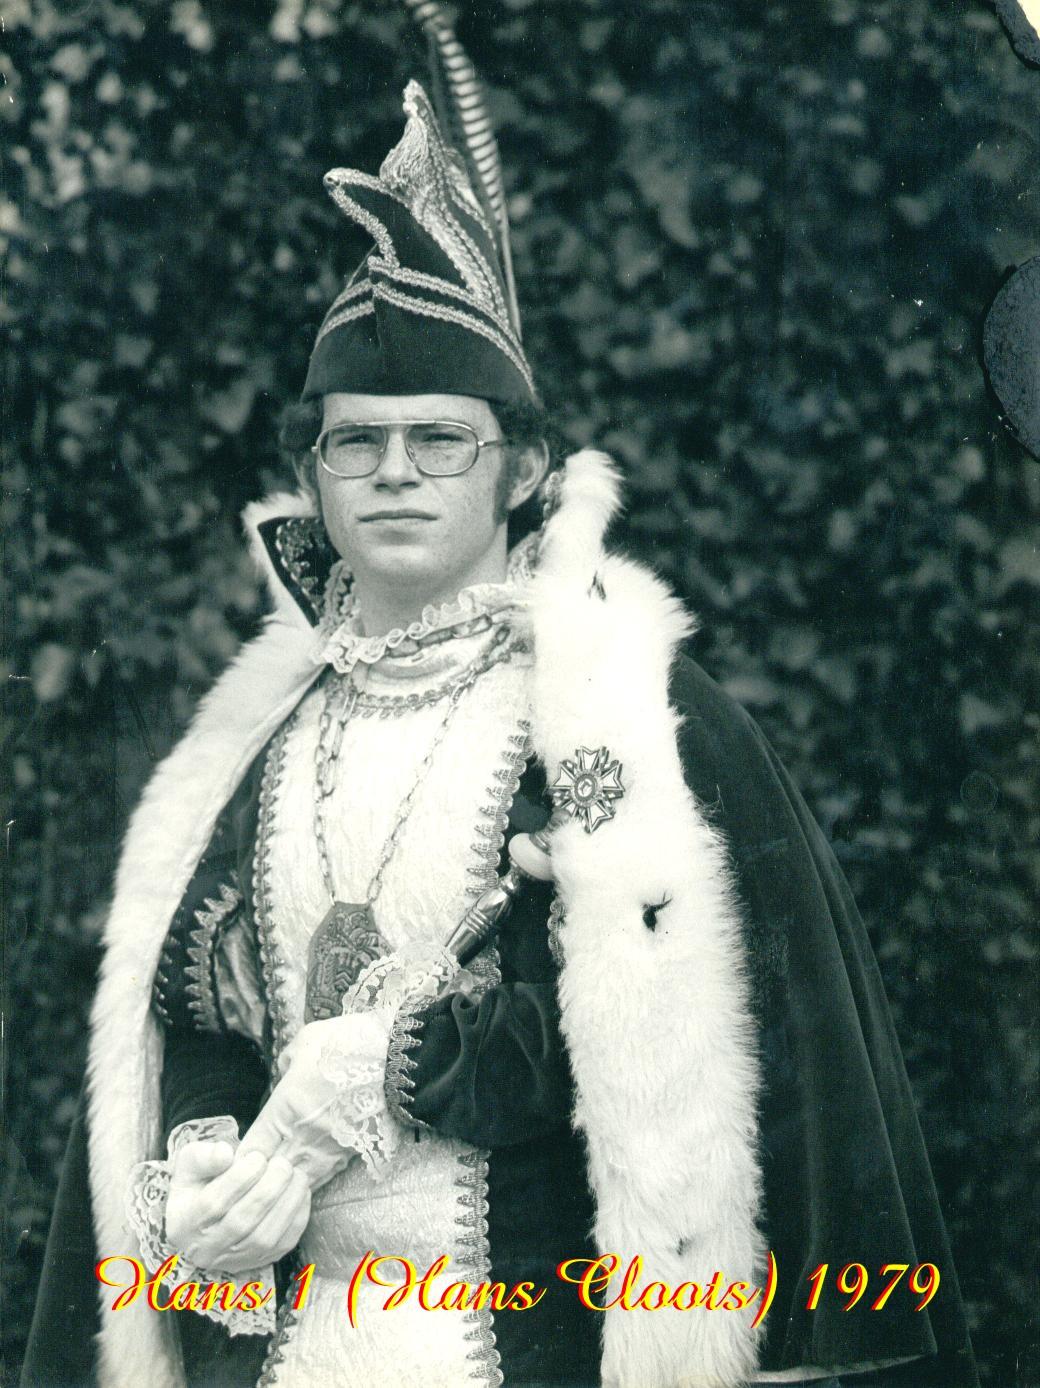 1979 Prins Hans (I) Cloots